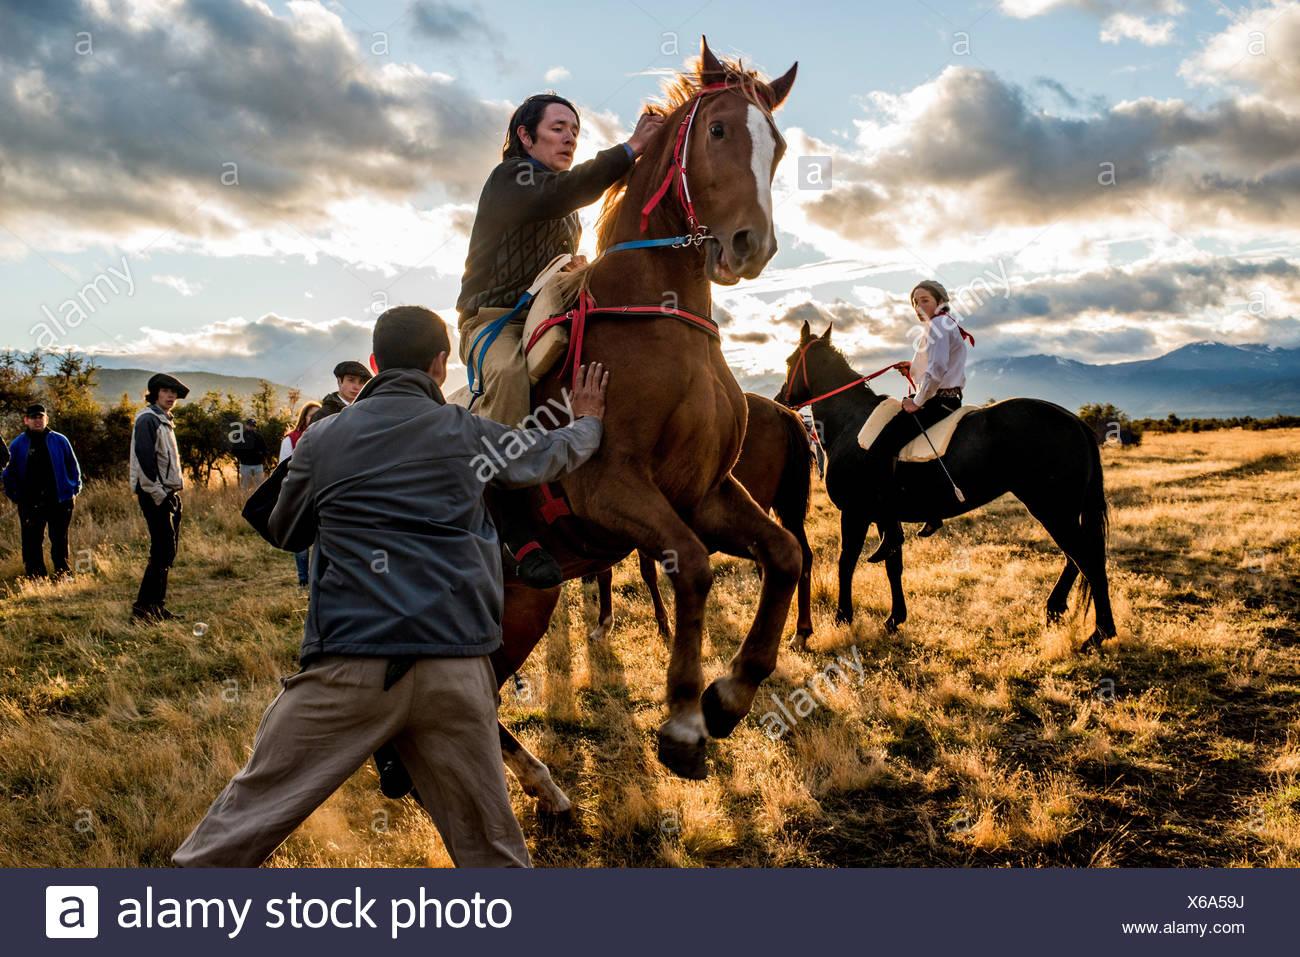 Se préparer pour une course de chevaux au cours d'une Jineteada ou sauvages Festival festival de l'équitation dans un ranch. Photo Stock